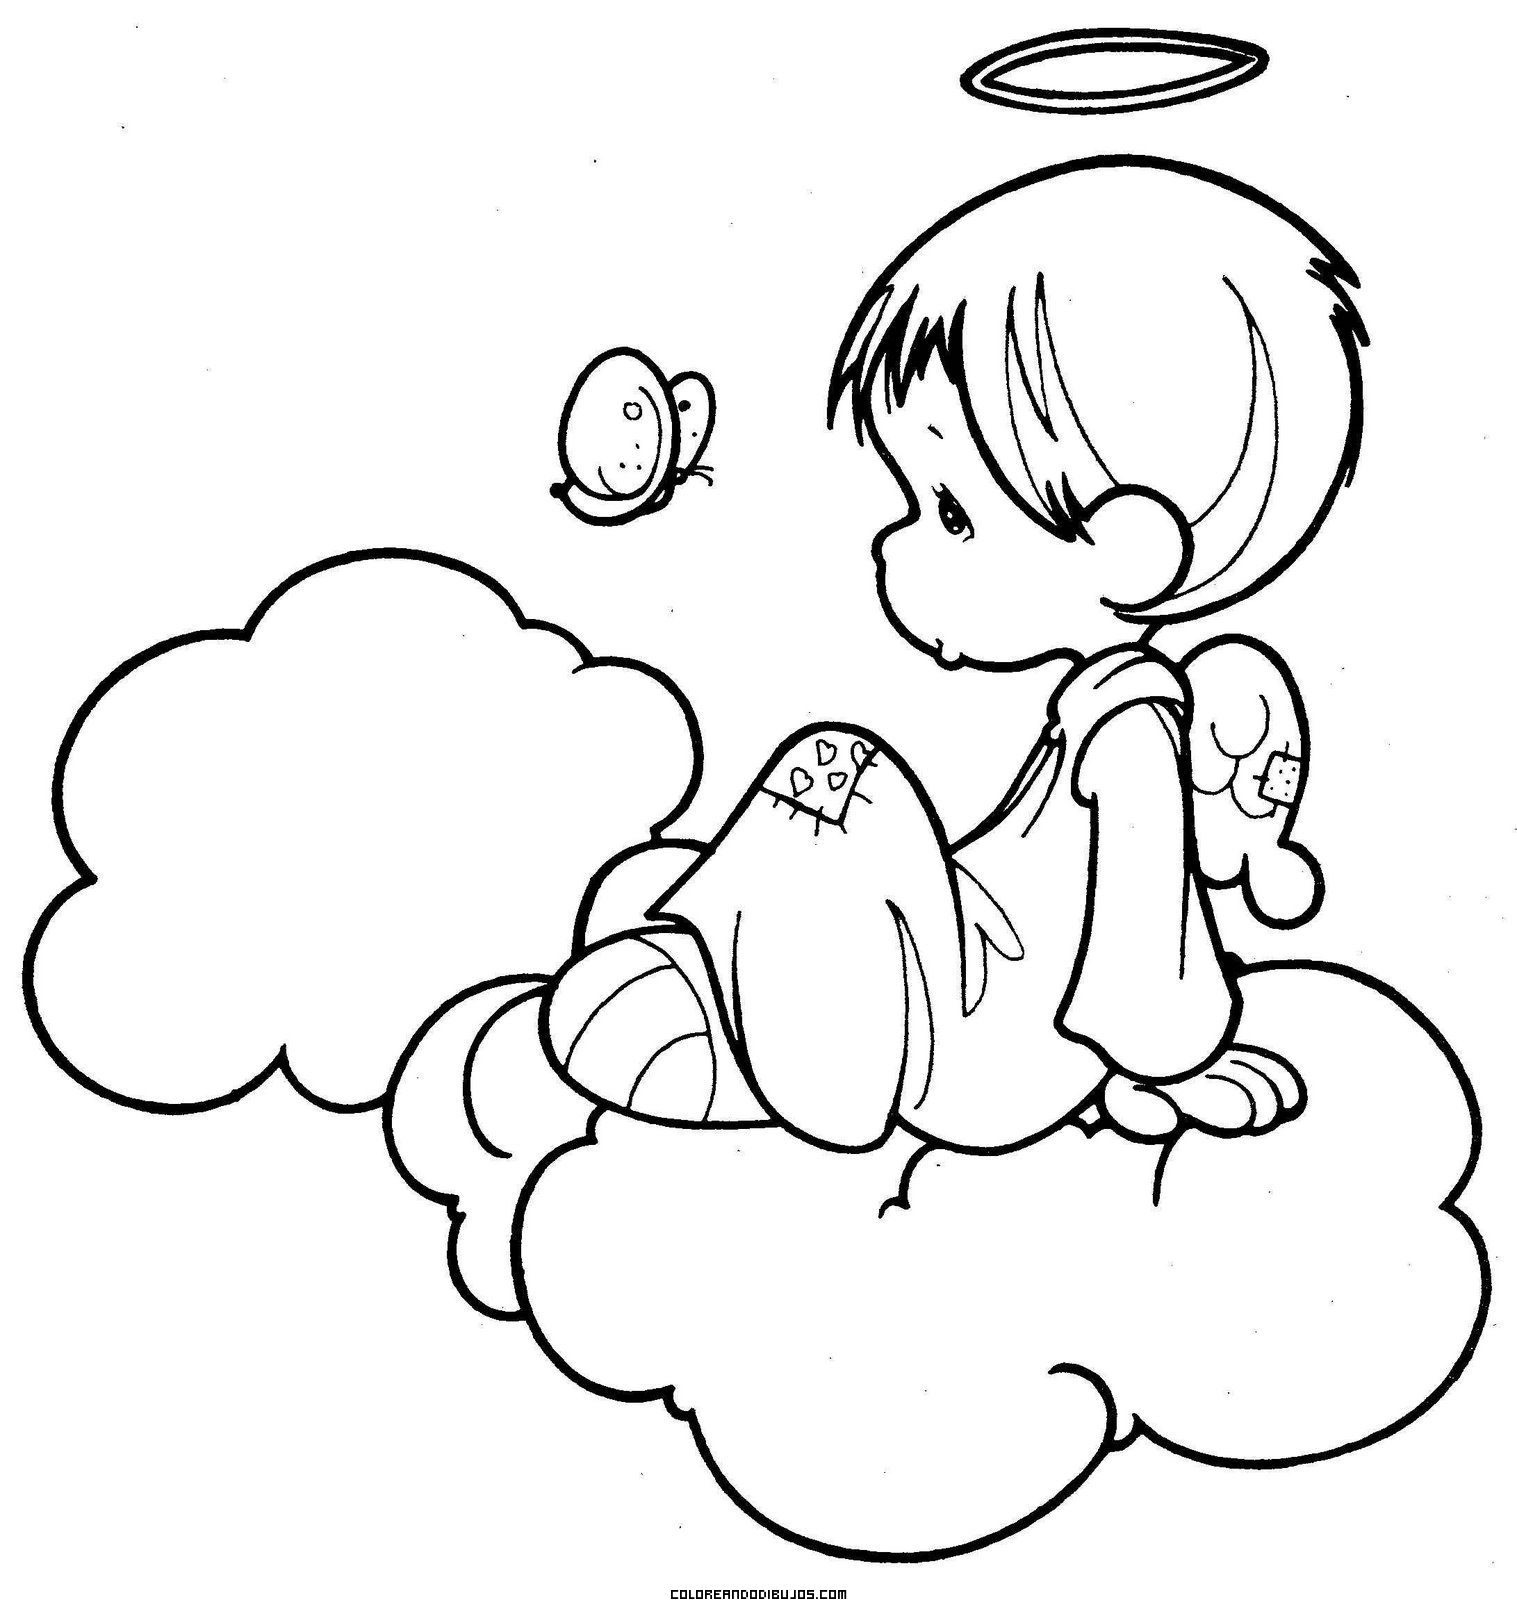 Angelito sentado en una nube